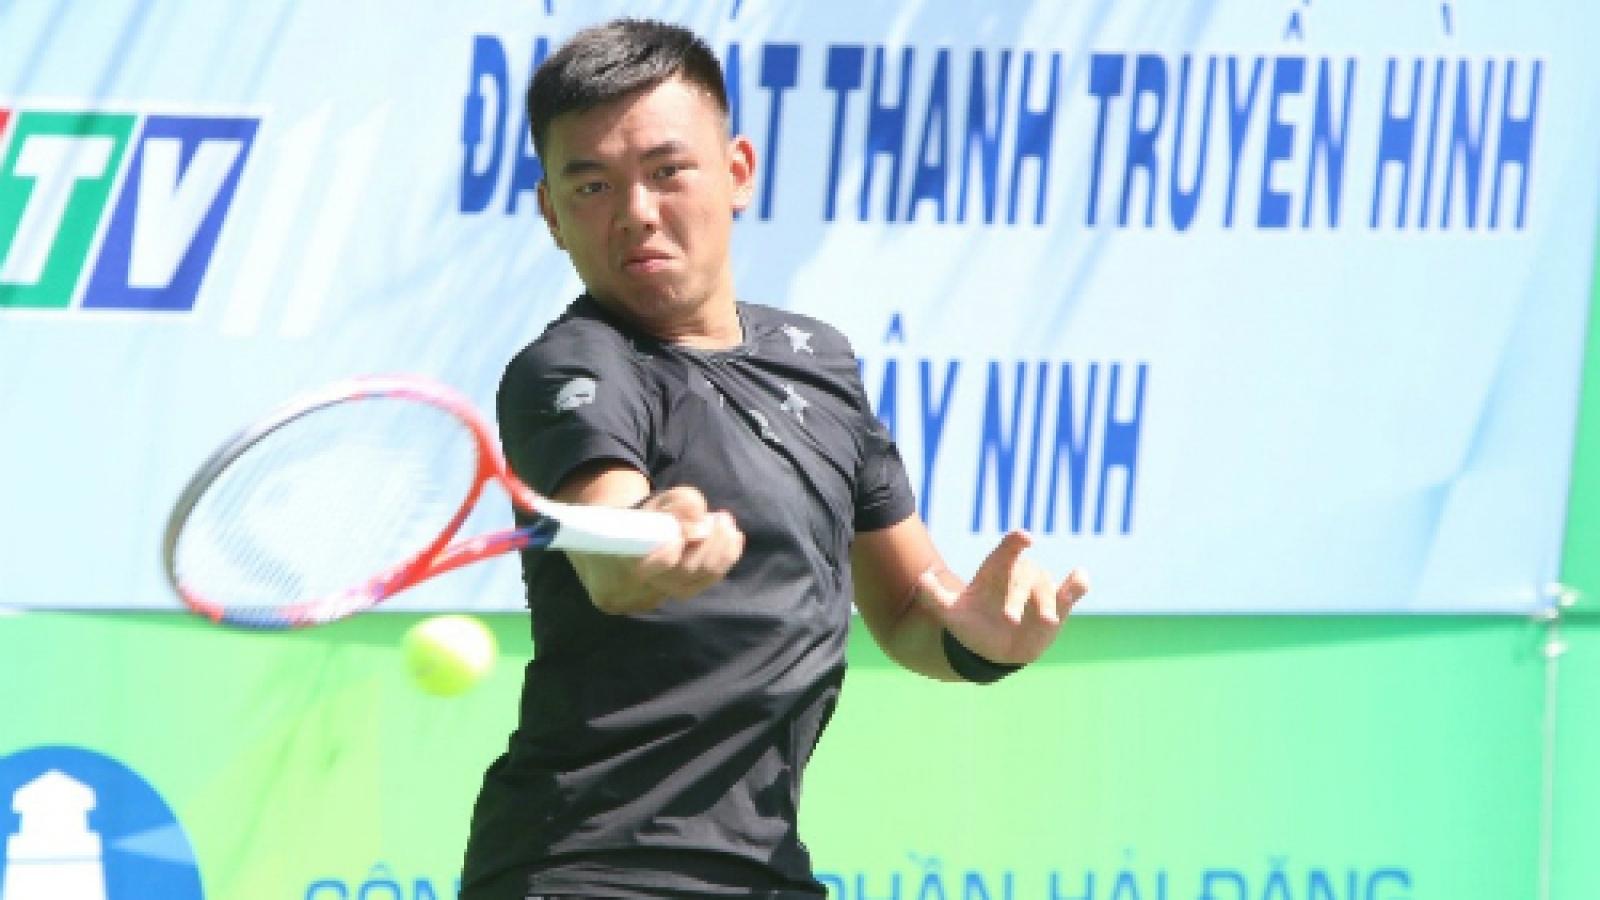 Hoang Nam beats Thanh Trung at Vietnam F4 Futures